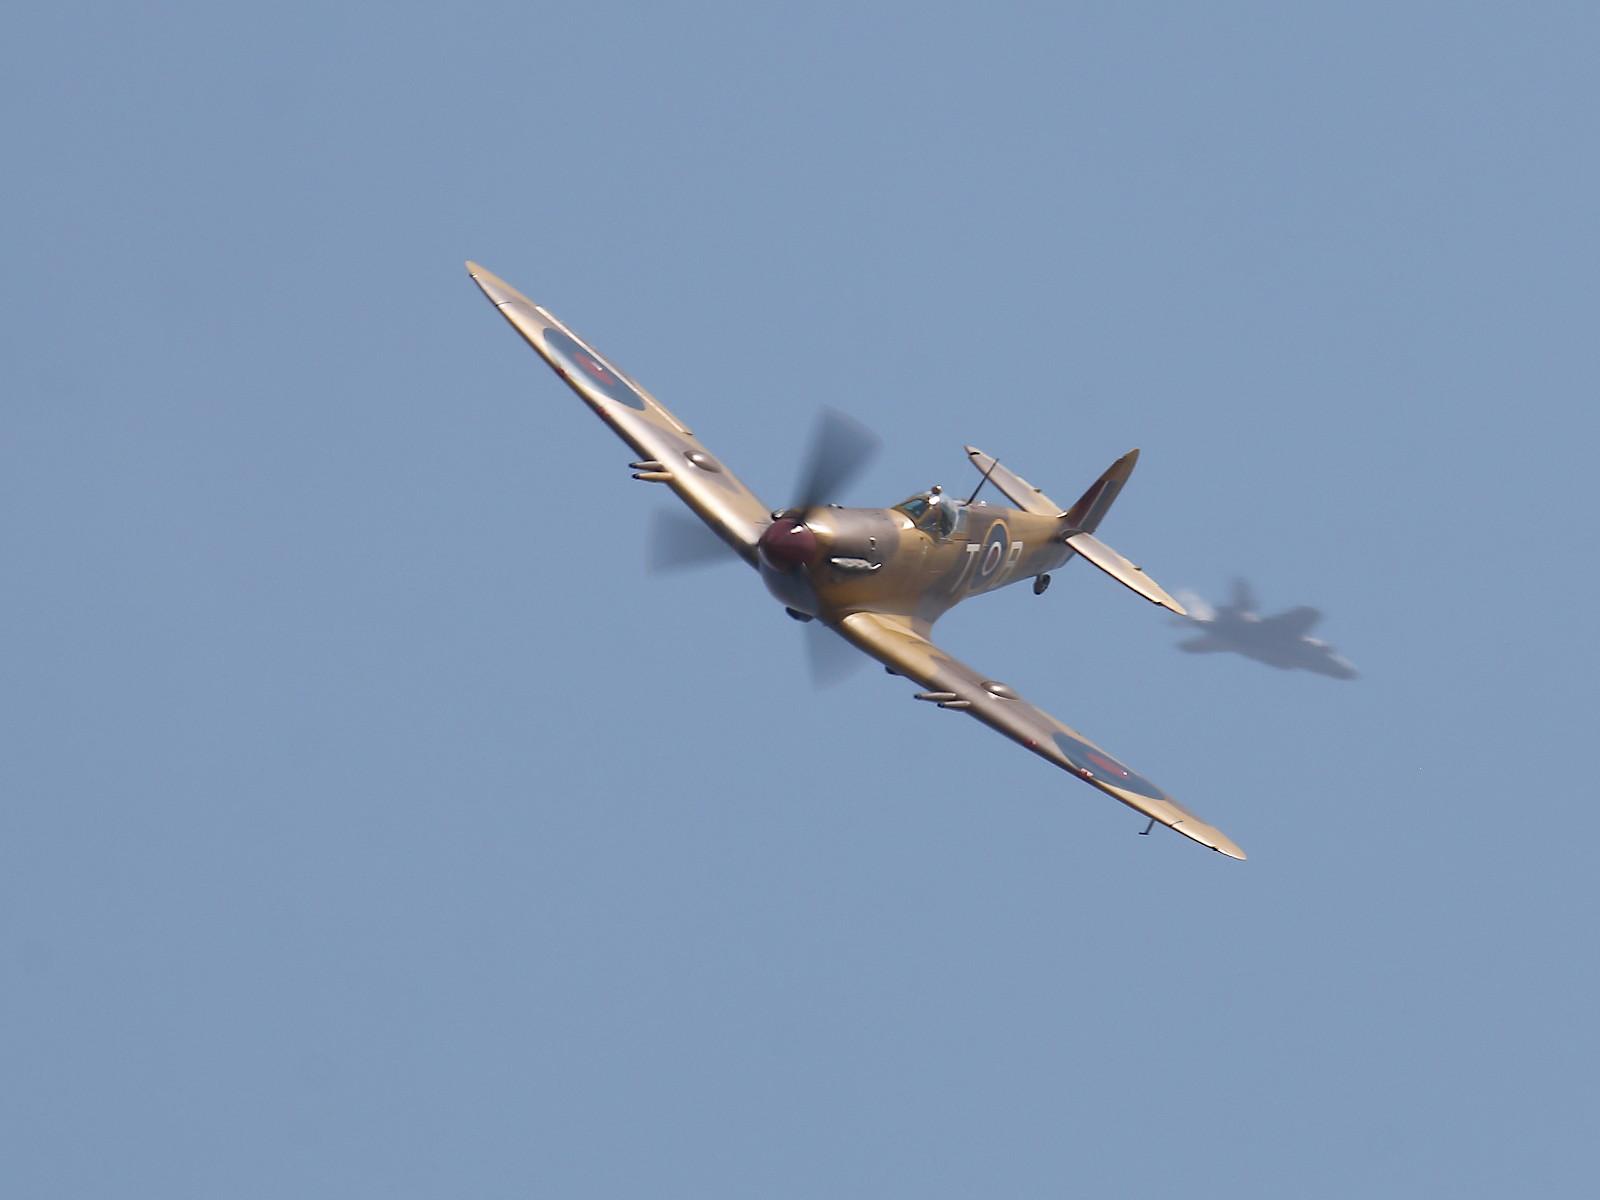 Supermarine Spitfire F.Vc - JG891 © Doppeladler.com